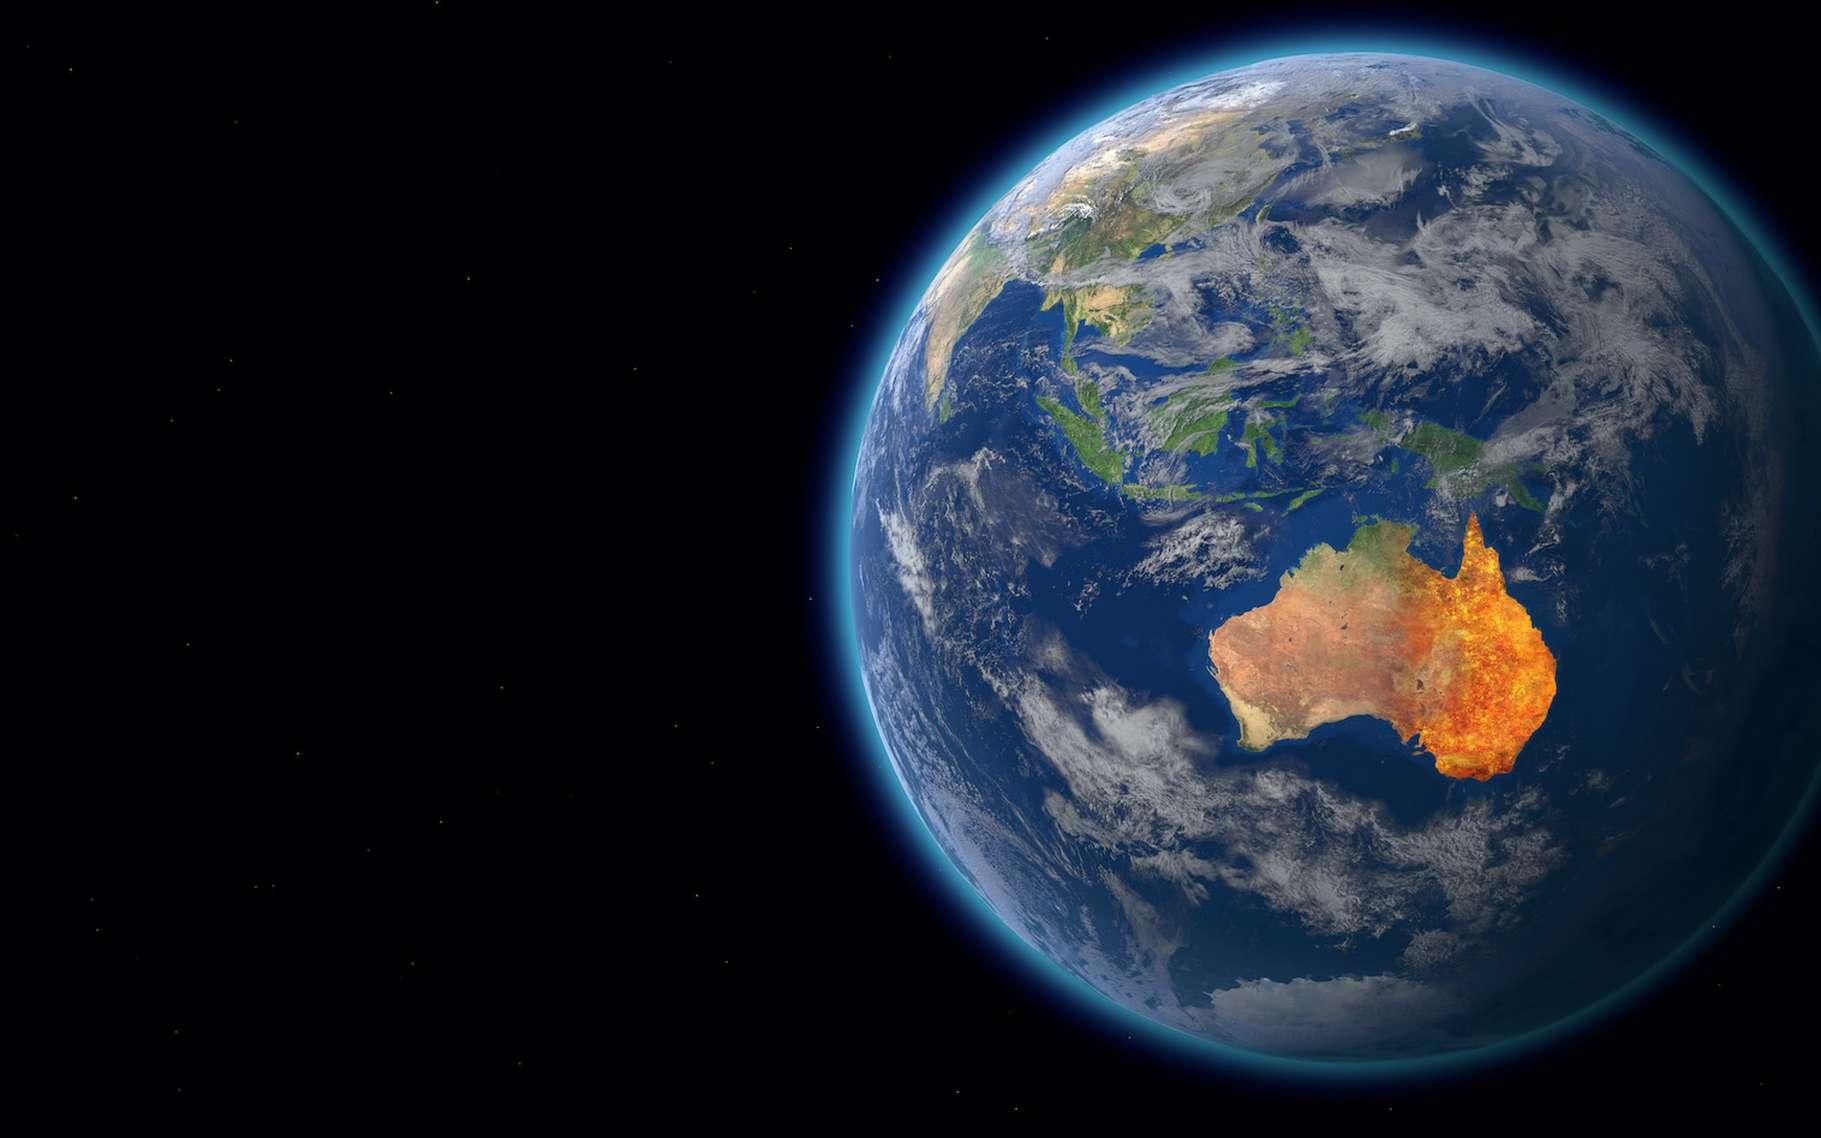 En 2019-2020, l'Australie aura connu l'une des pires saisons de feux de brousse de toute son histoire. © ink drop, Adobe Stock